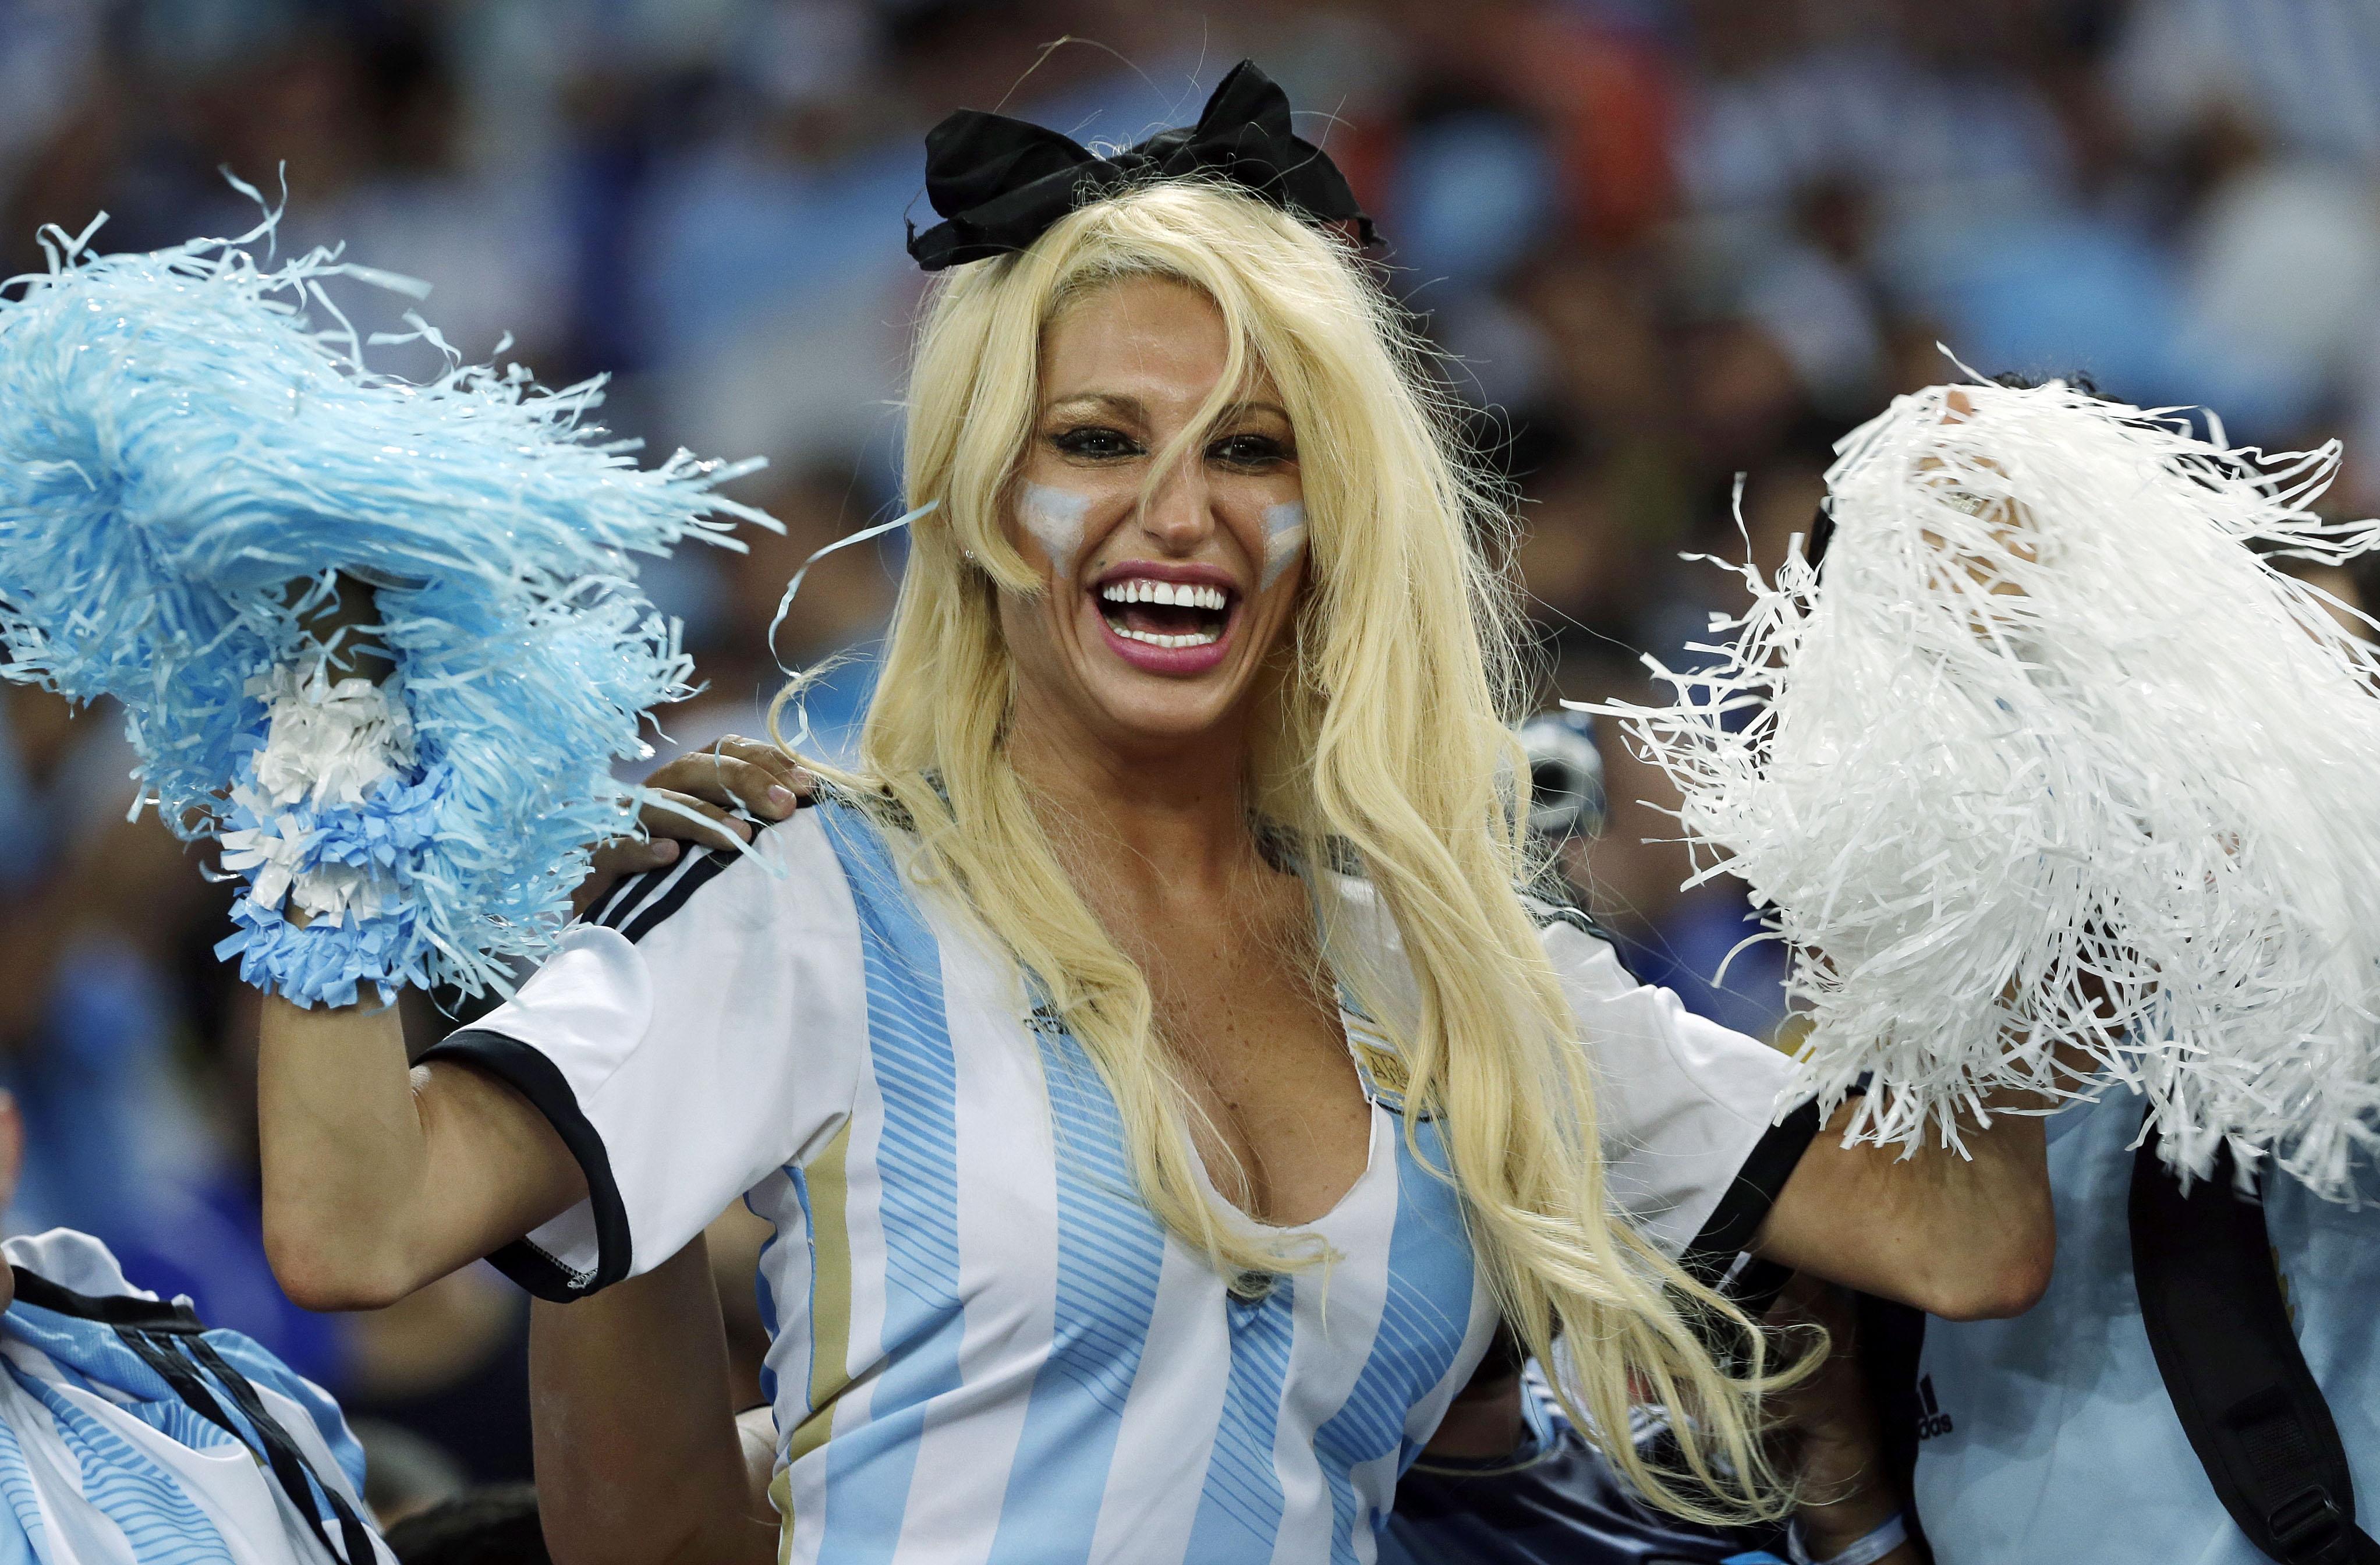 Una hincha rubia Argentina - 4088x2688